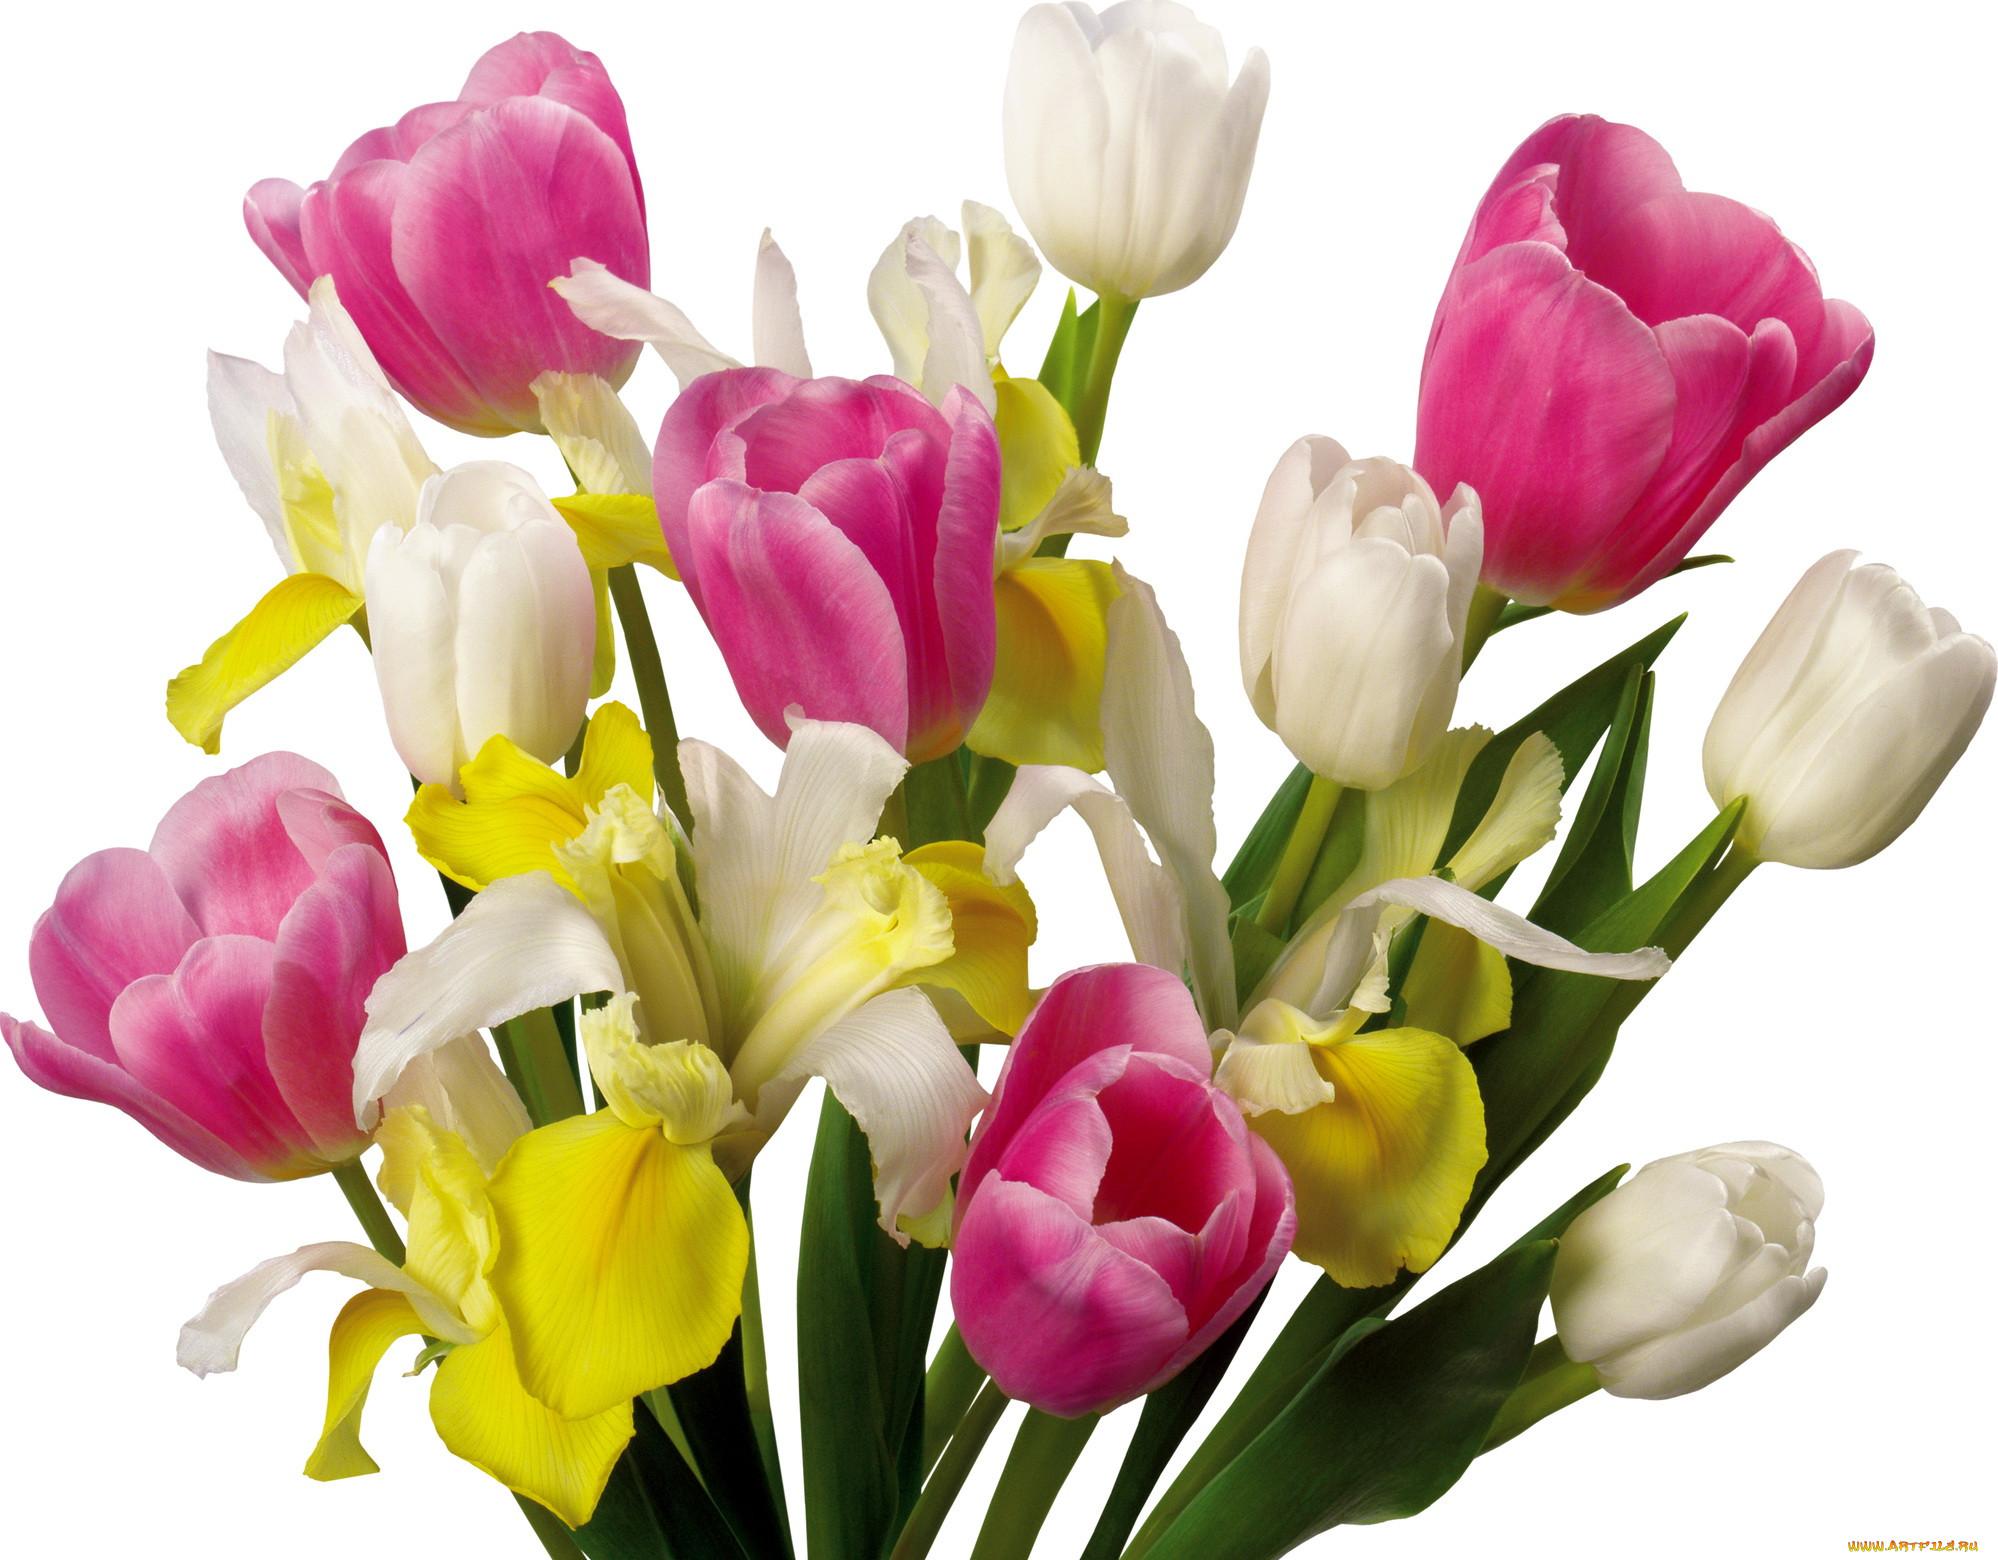 шаблон букет тюльпанов анимация фото всего поражаются